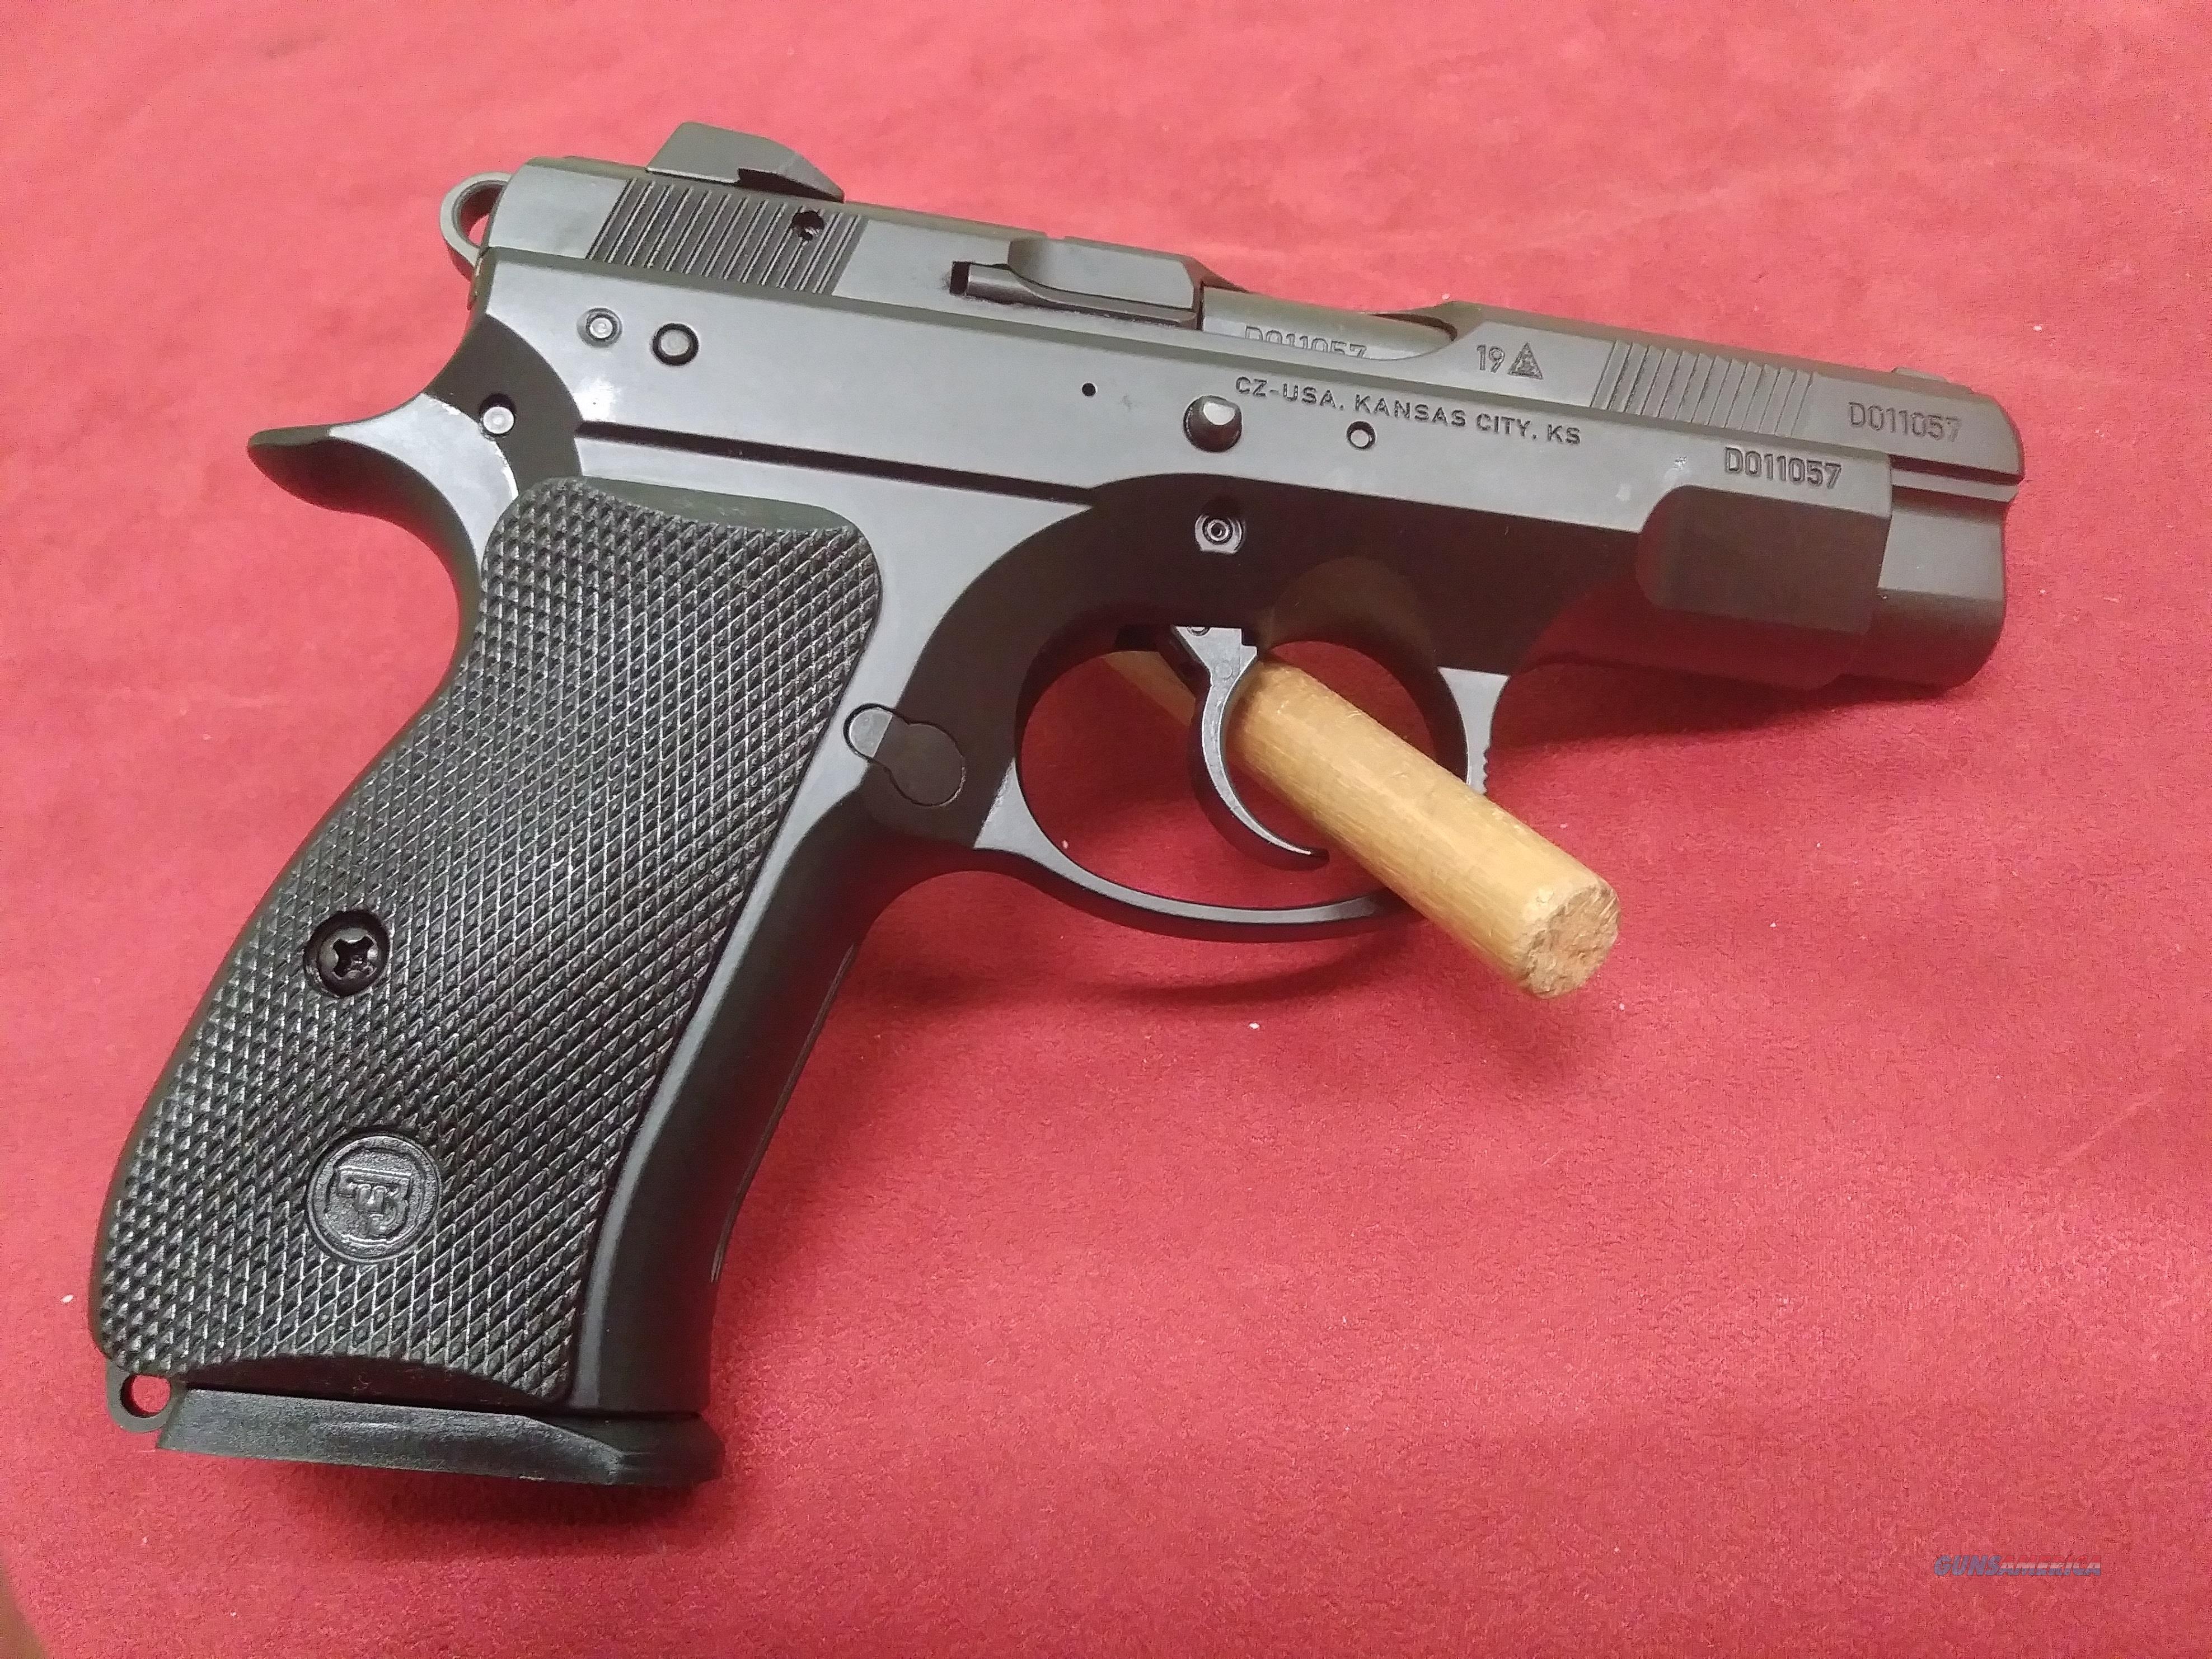 CZ 75D Compact PCR, 9mm, NIB  Guns > Pistols > CZ Pistols